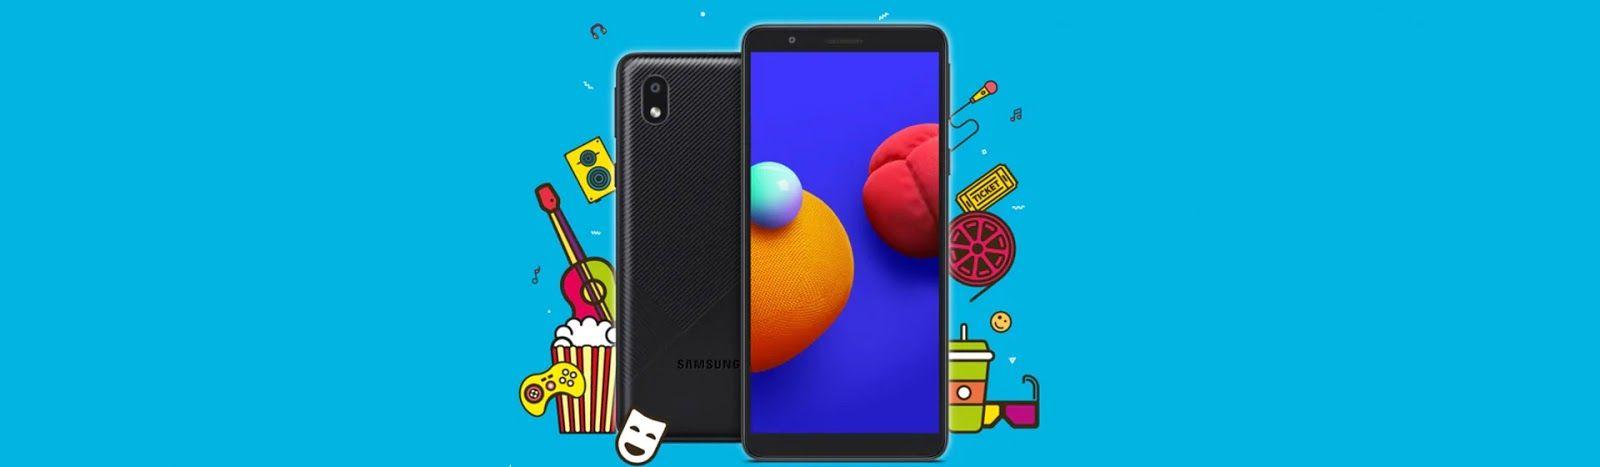 Samsung Galaxy M01 Core: tudo sobre o novo smartphone com Android Go